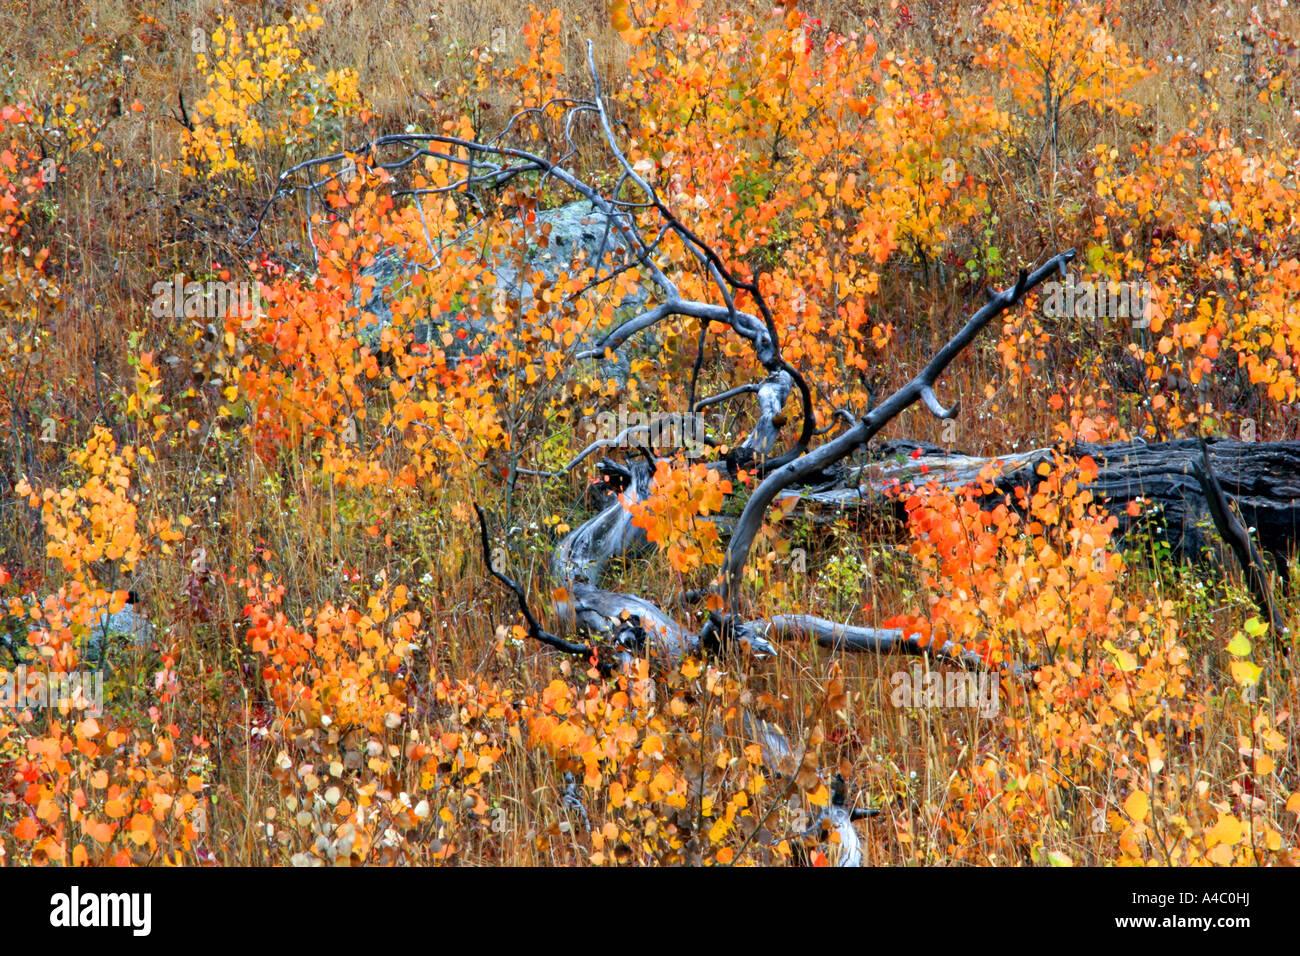 Los colores de otoño, el parque nacional Yellowstone, Wyoming Foto de stock